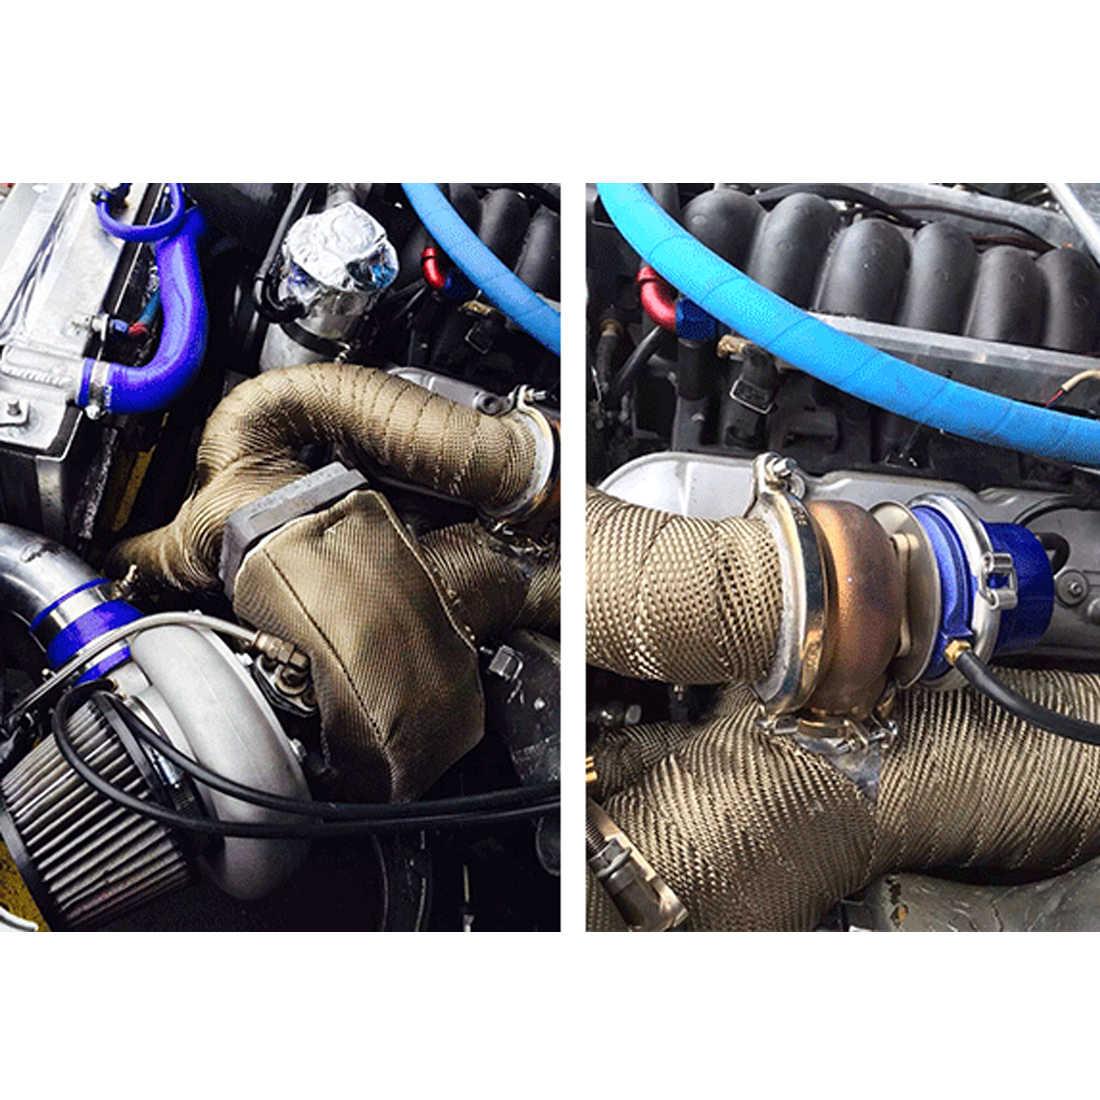 צינור פליטת כותרת עמיד Downpipe נירוסטה קשרי 10m x 5cm x 1.5mm עבור רכב אופנוע אבזרים & חלקים